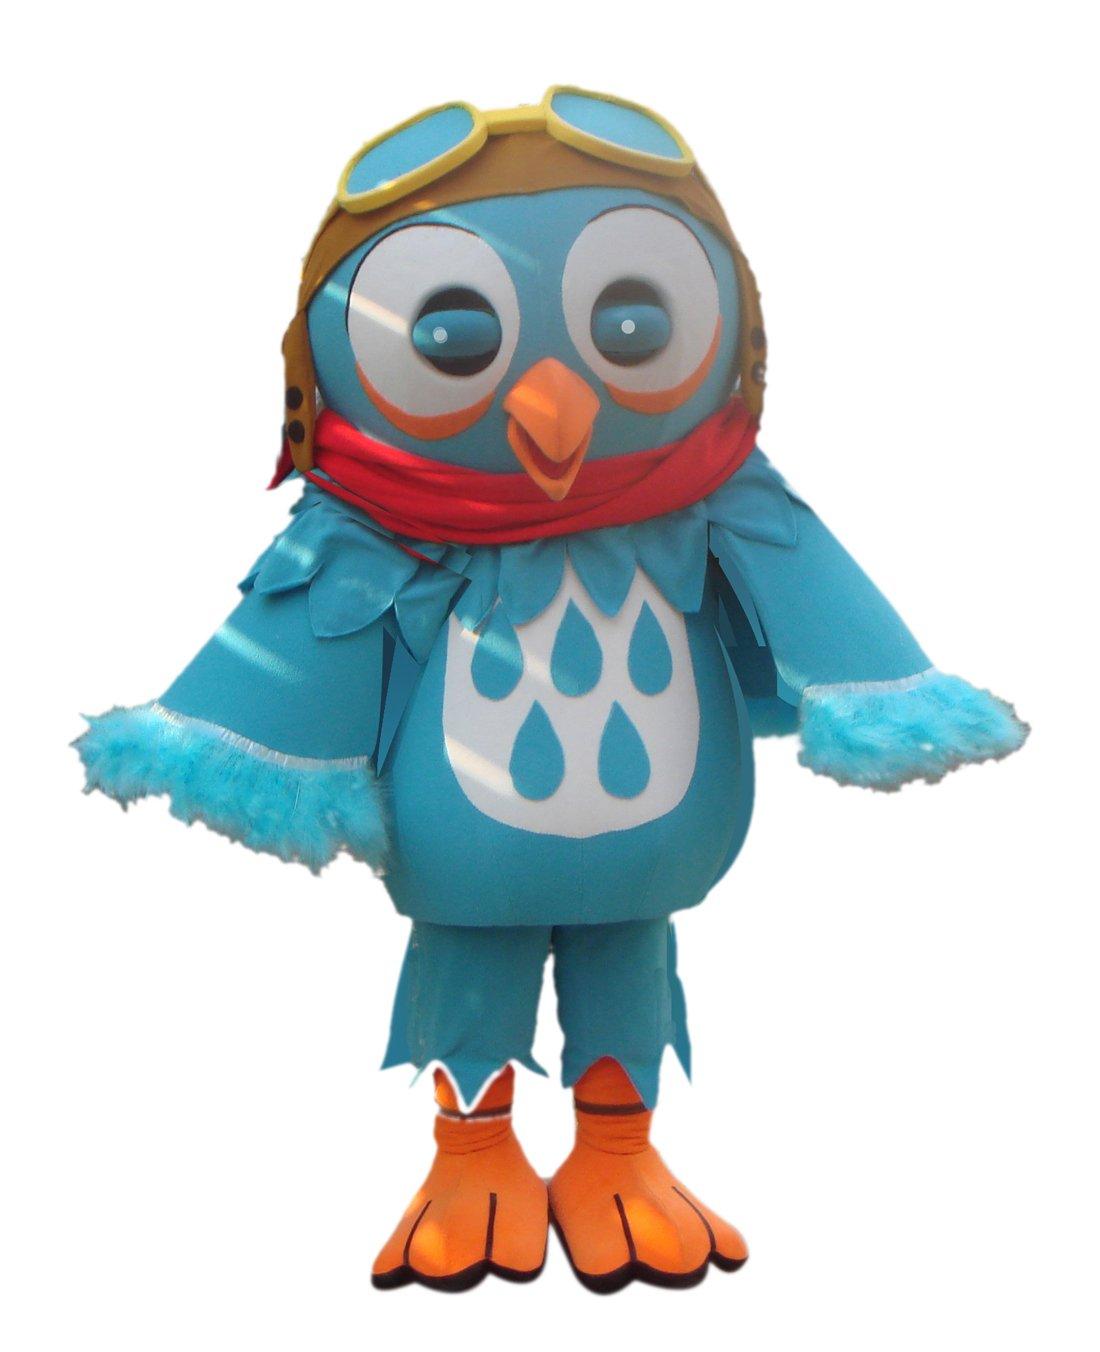 CostumeShine Blue Bird Mascot Costume with Glasses by CostumeShine